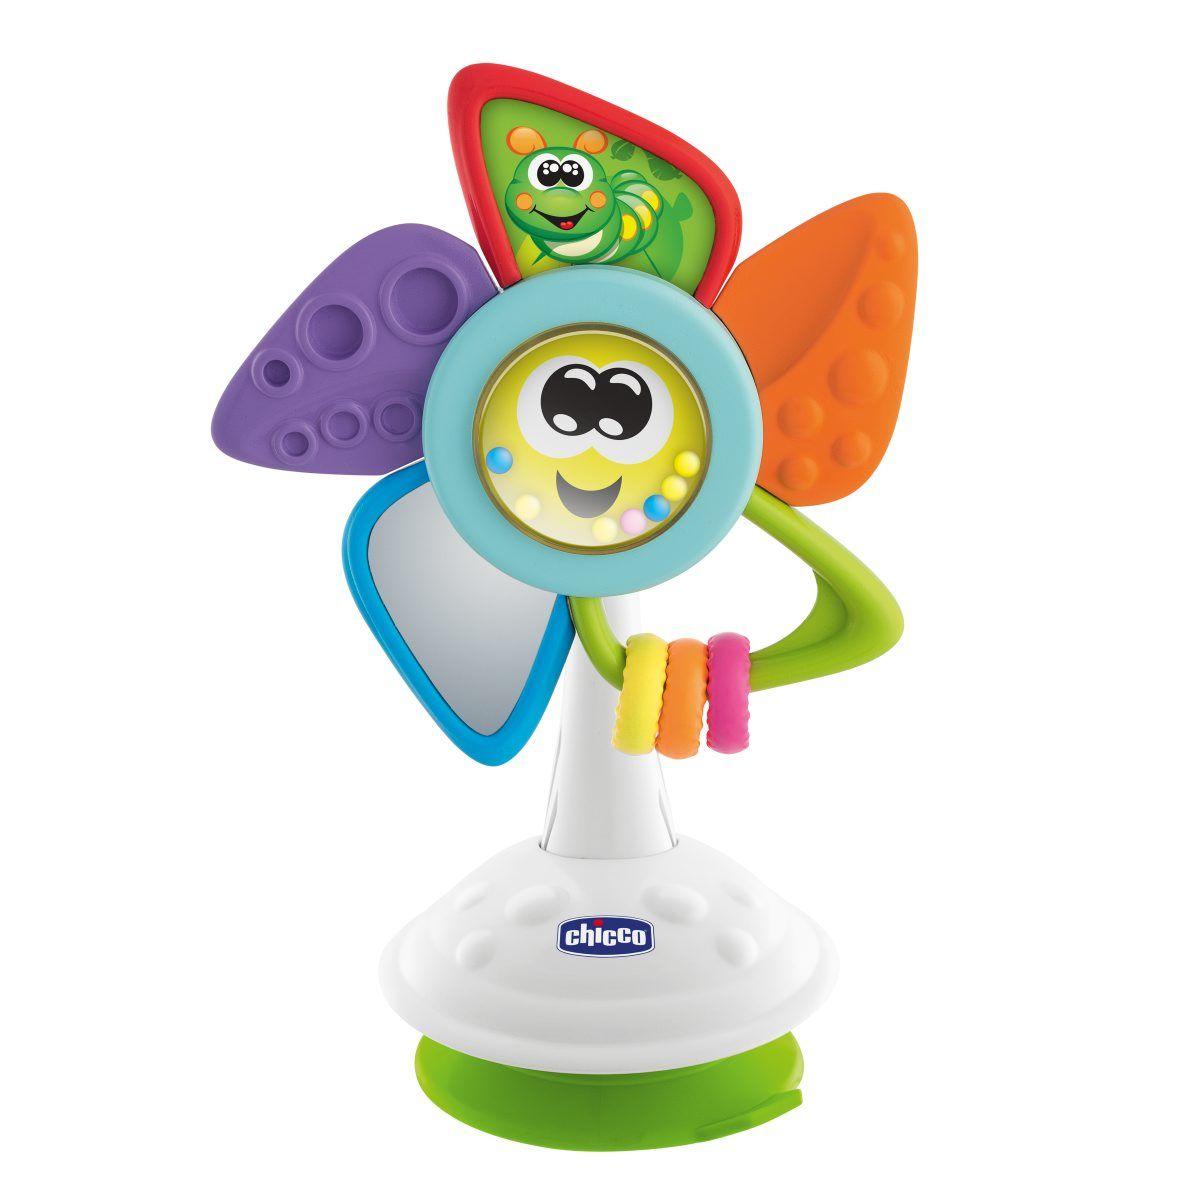 Игрушка развивающая Chicco Will the Pinwheel (на стульчик для кормления) 6м+ фото